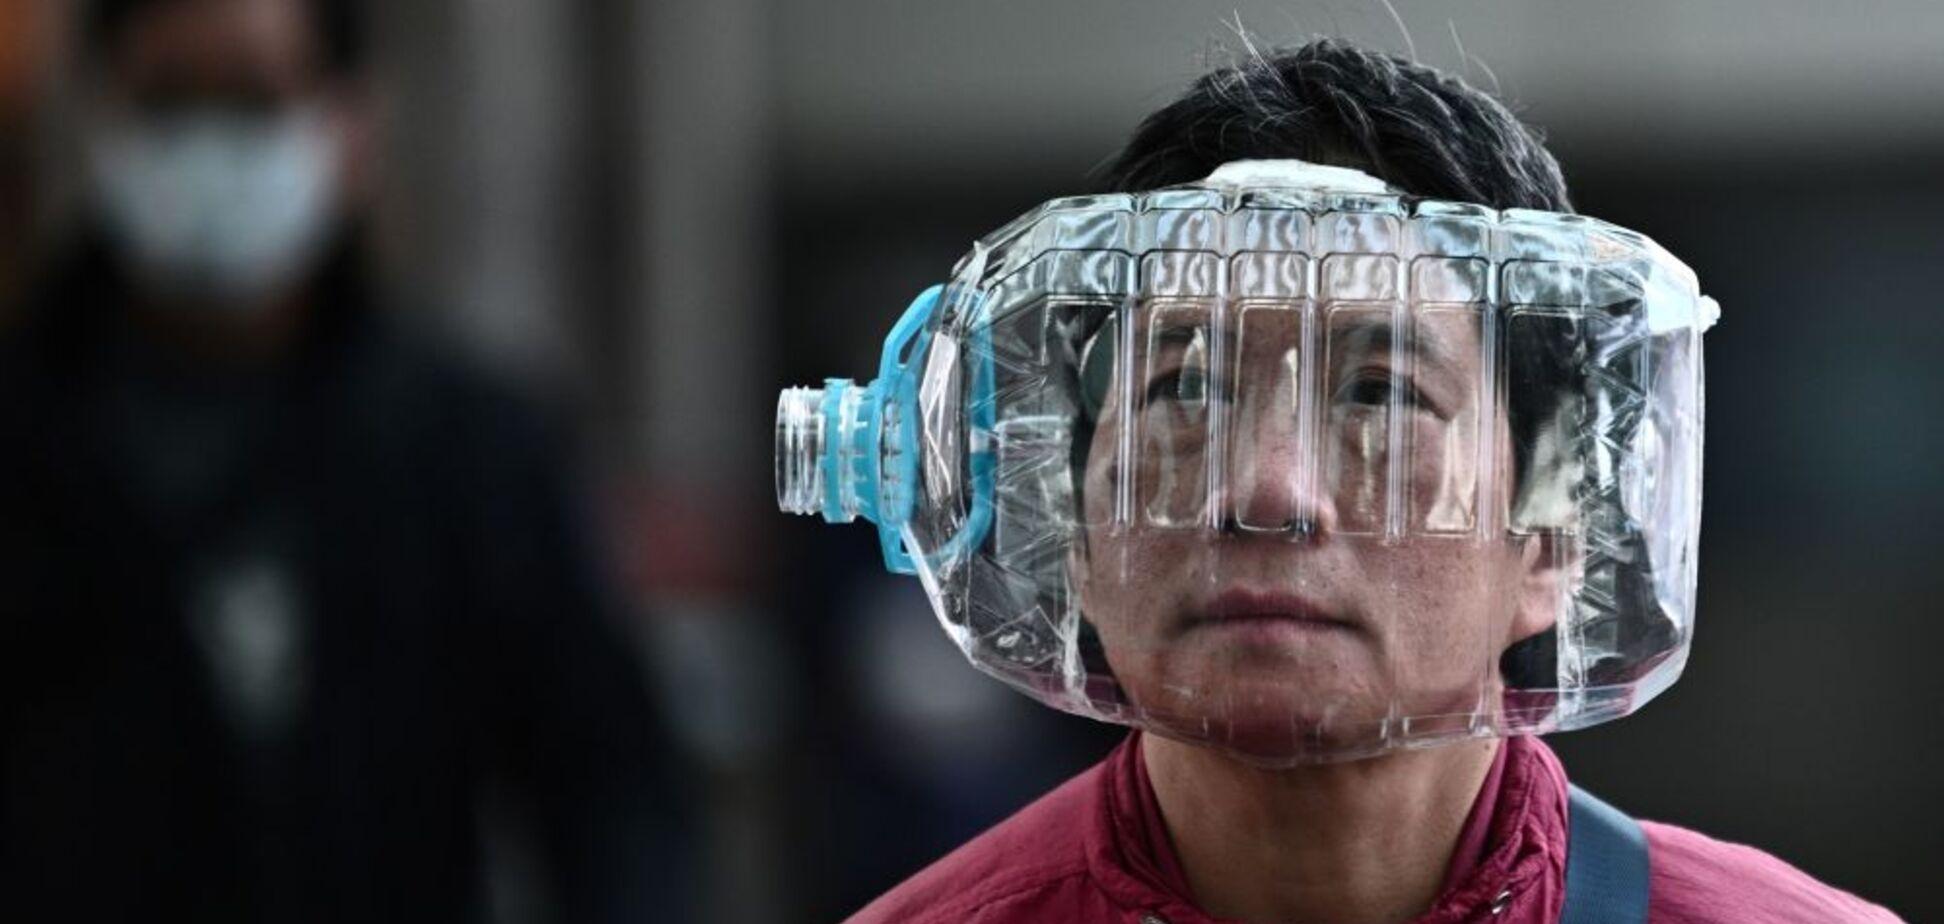 Выкройки маски из хлопка и марли: как правильно сшить